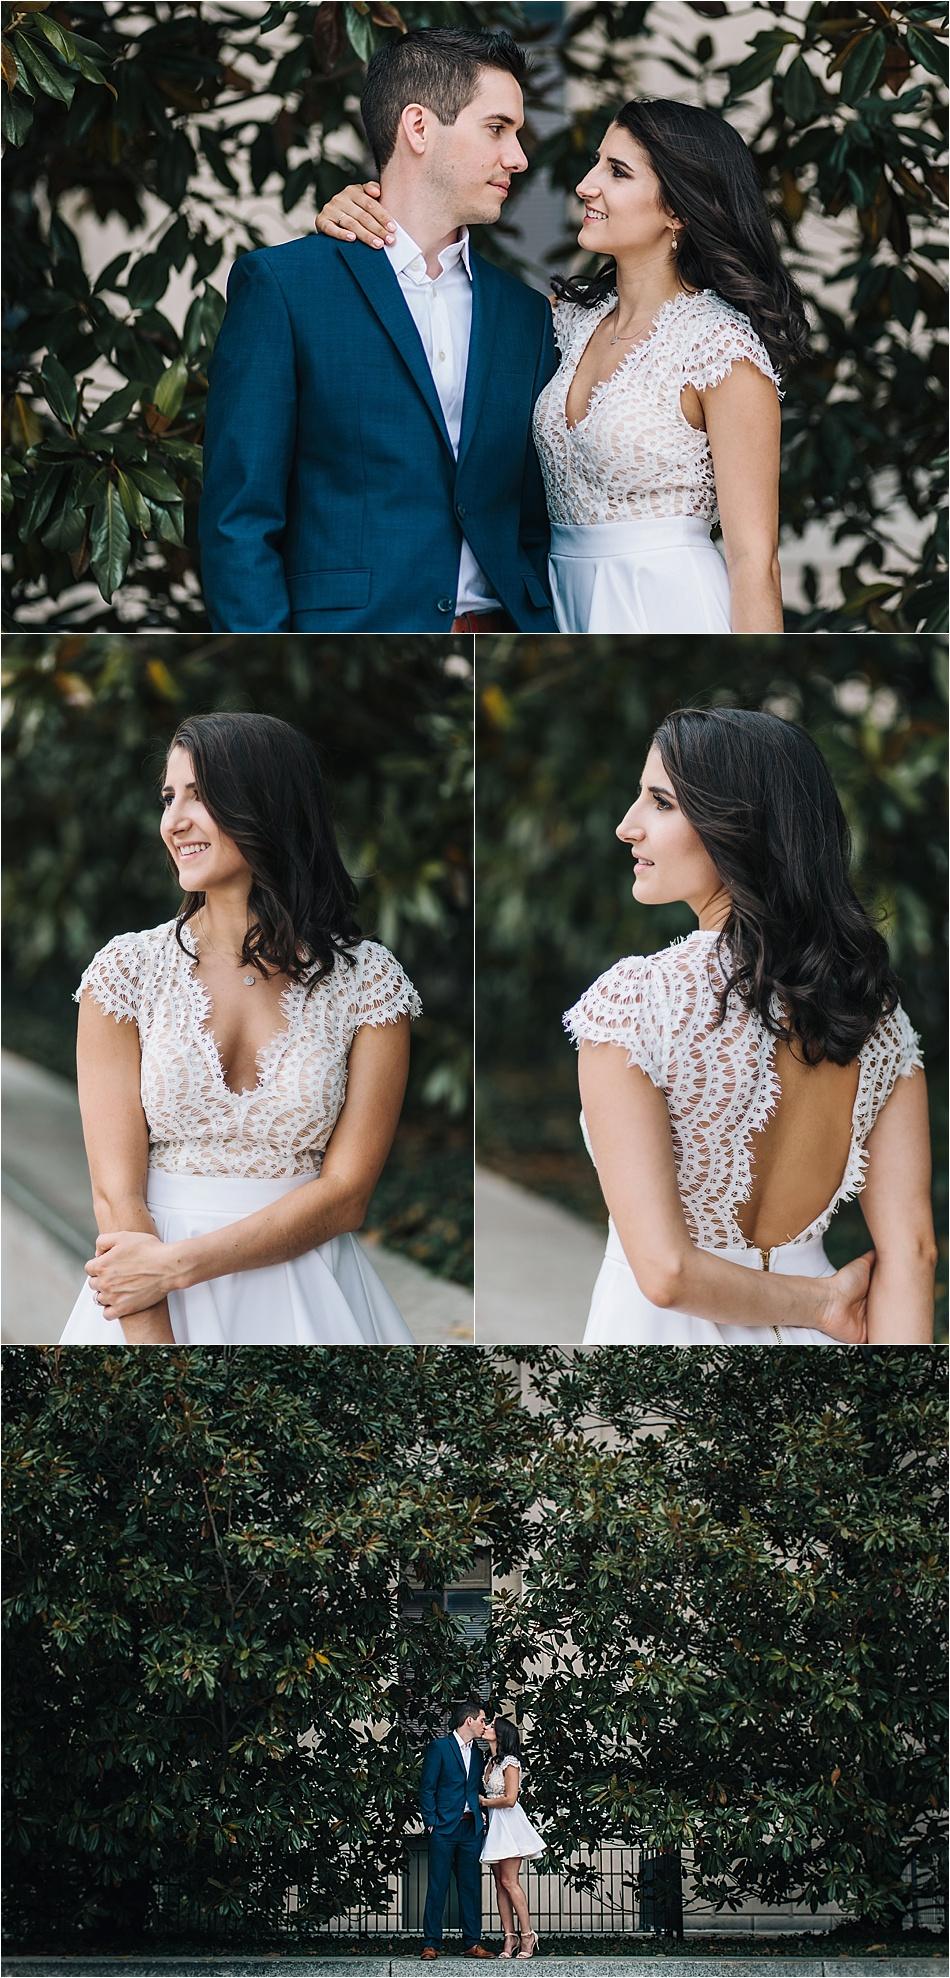 CK Photo Nashville Engagement Wedding Photographer